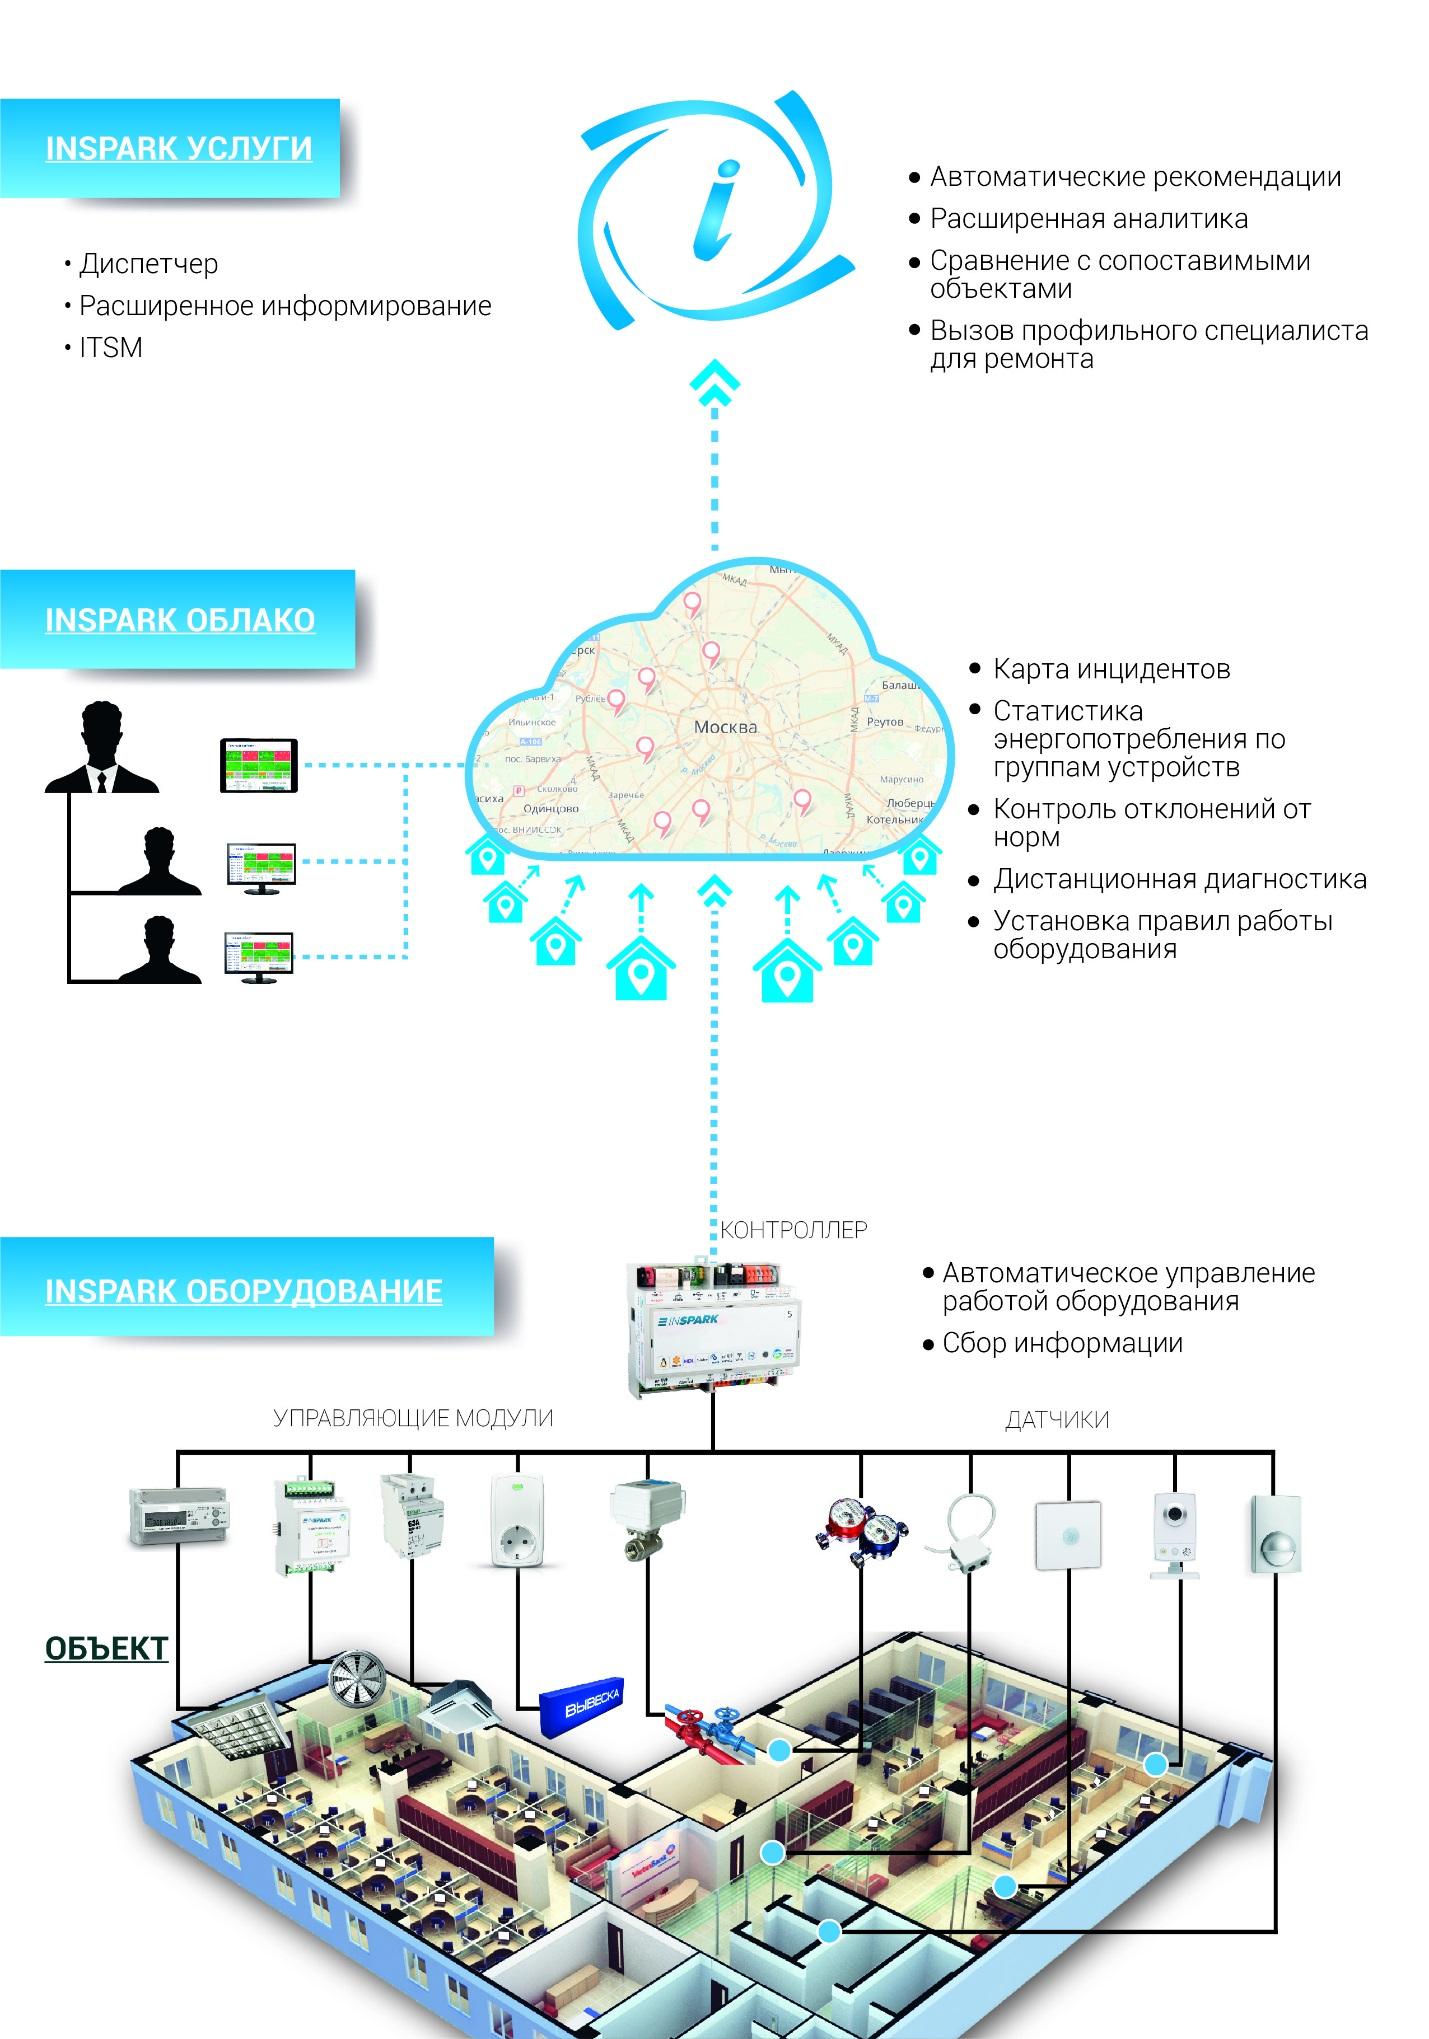 Описание типового решения IoT на базе платформы Inspark